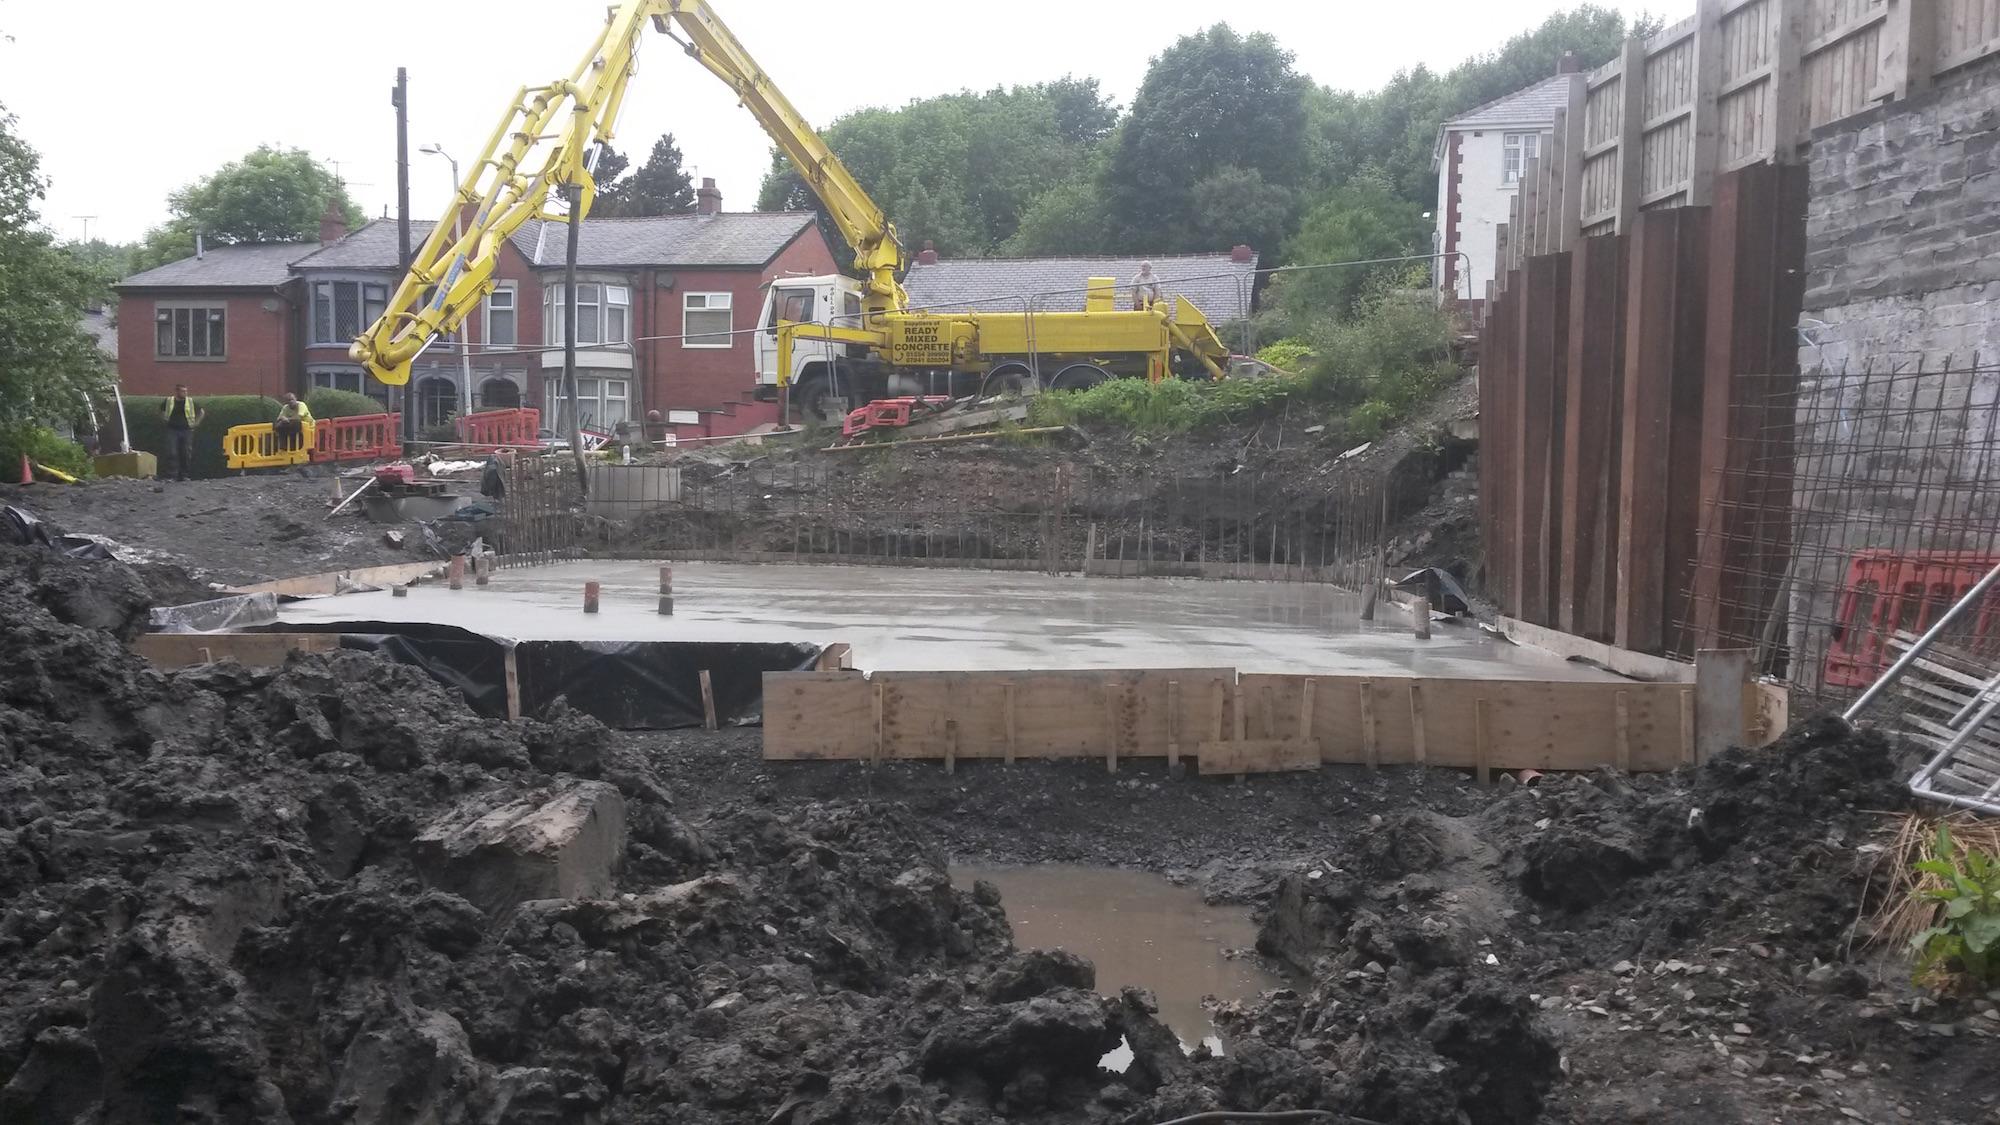 Base Build Contractors Ltd